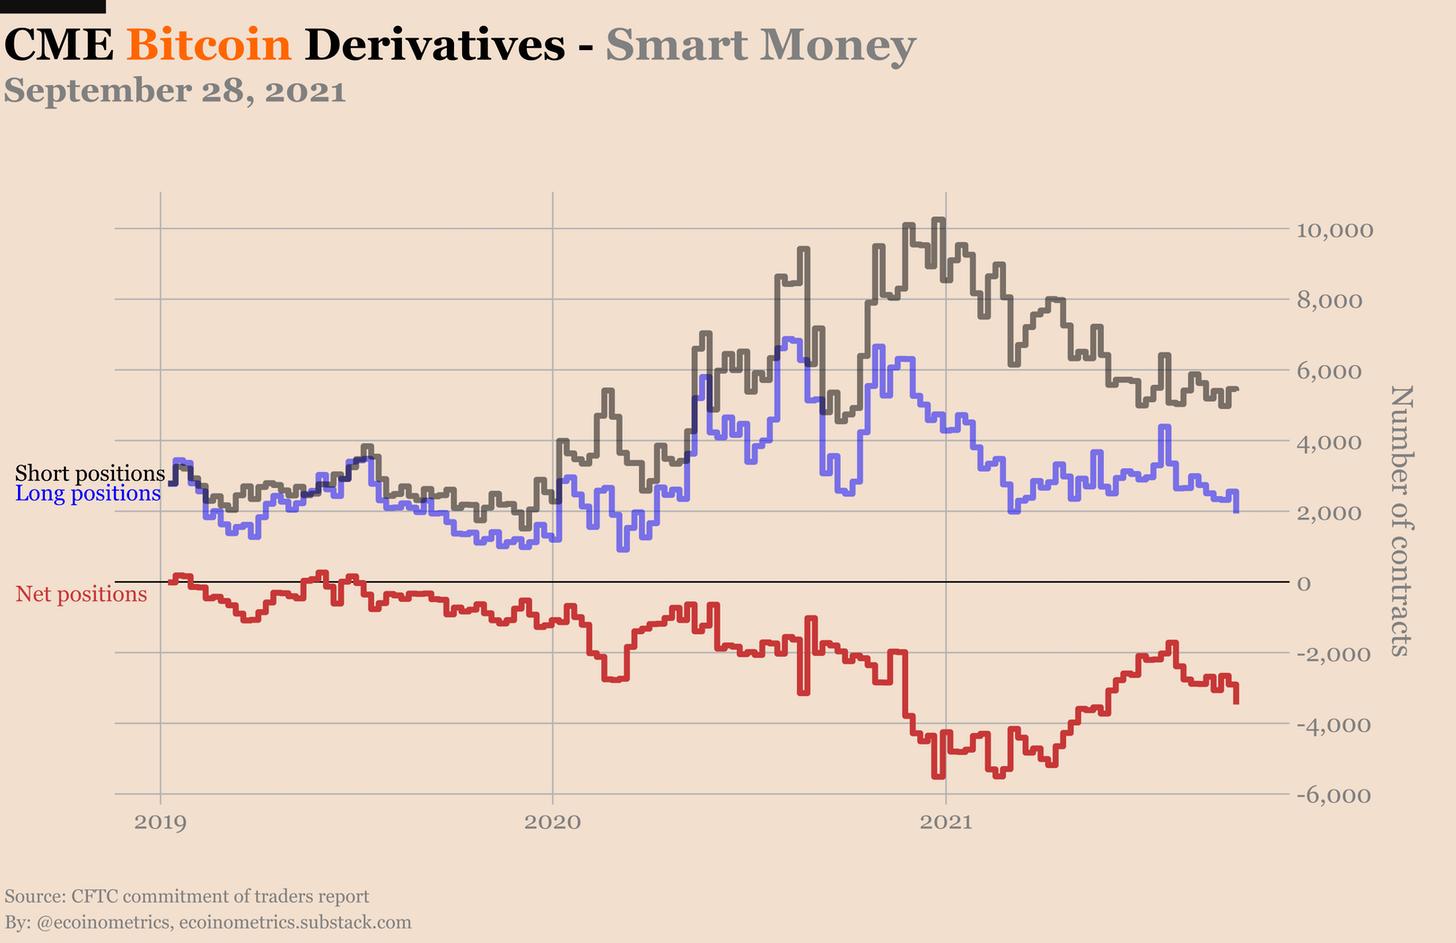 Derivati Bitcoin sul CME - smart money